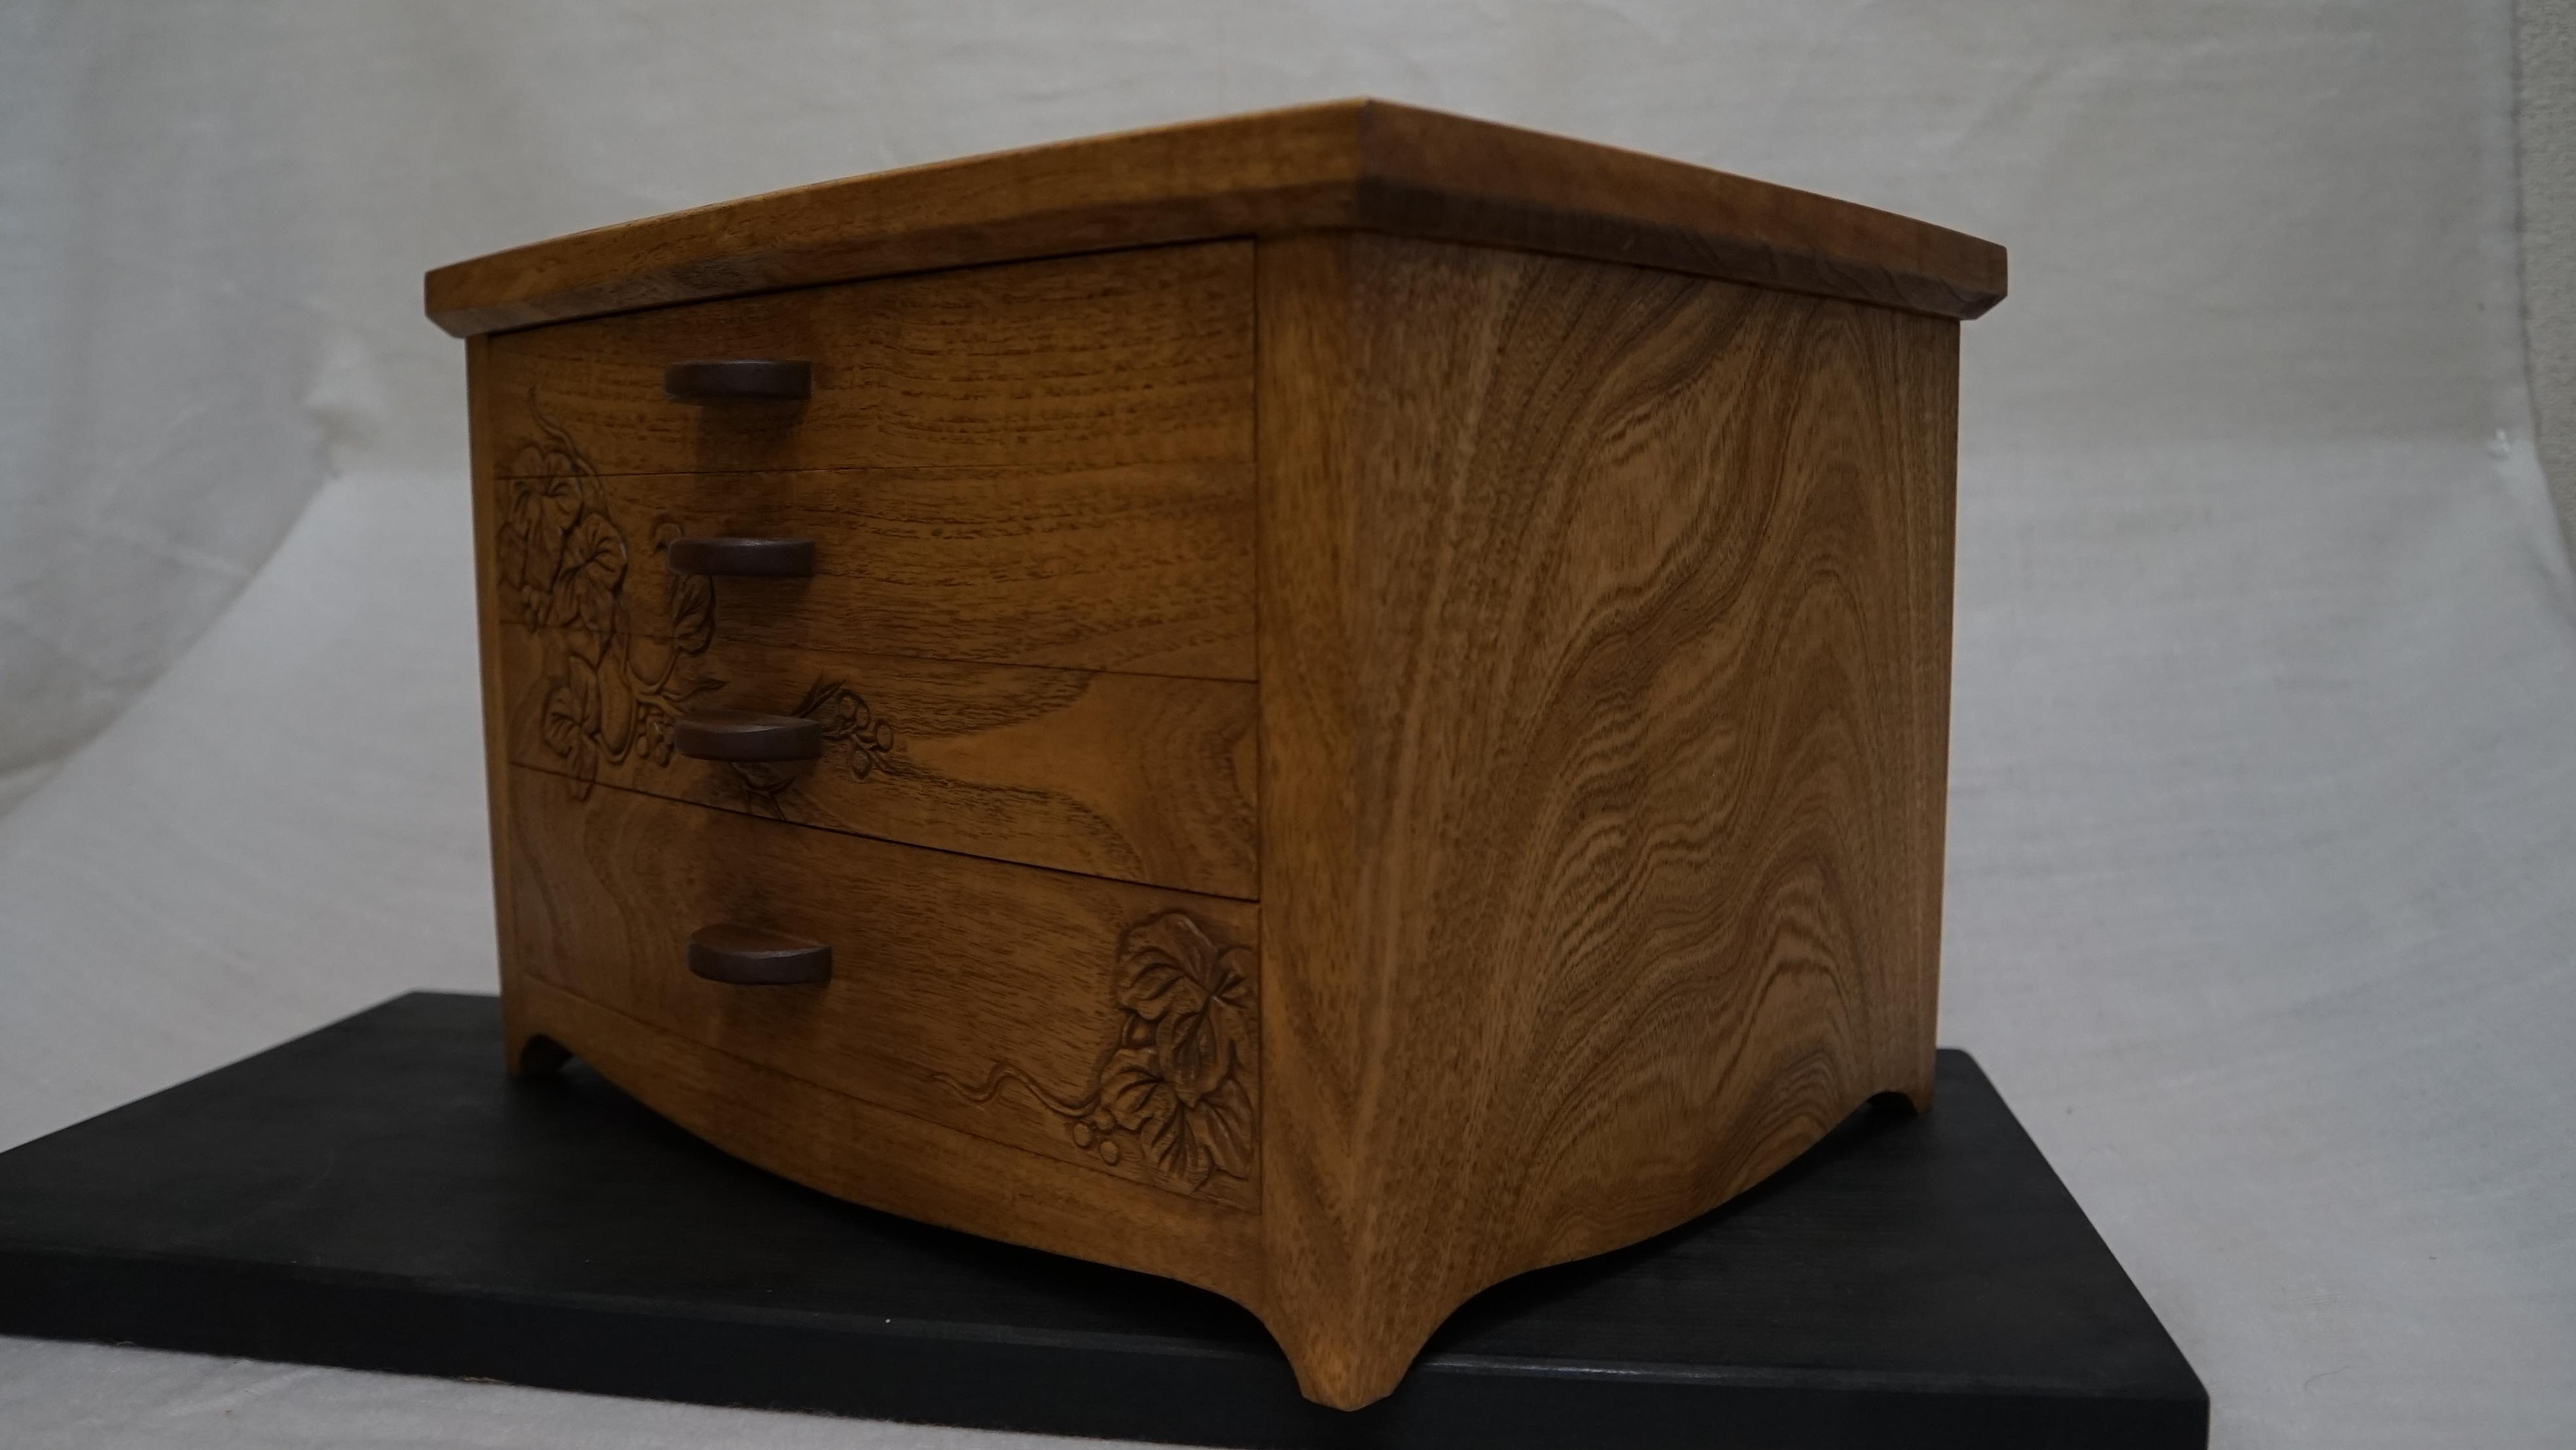 野葡萄(のぶどう)の宝石箱